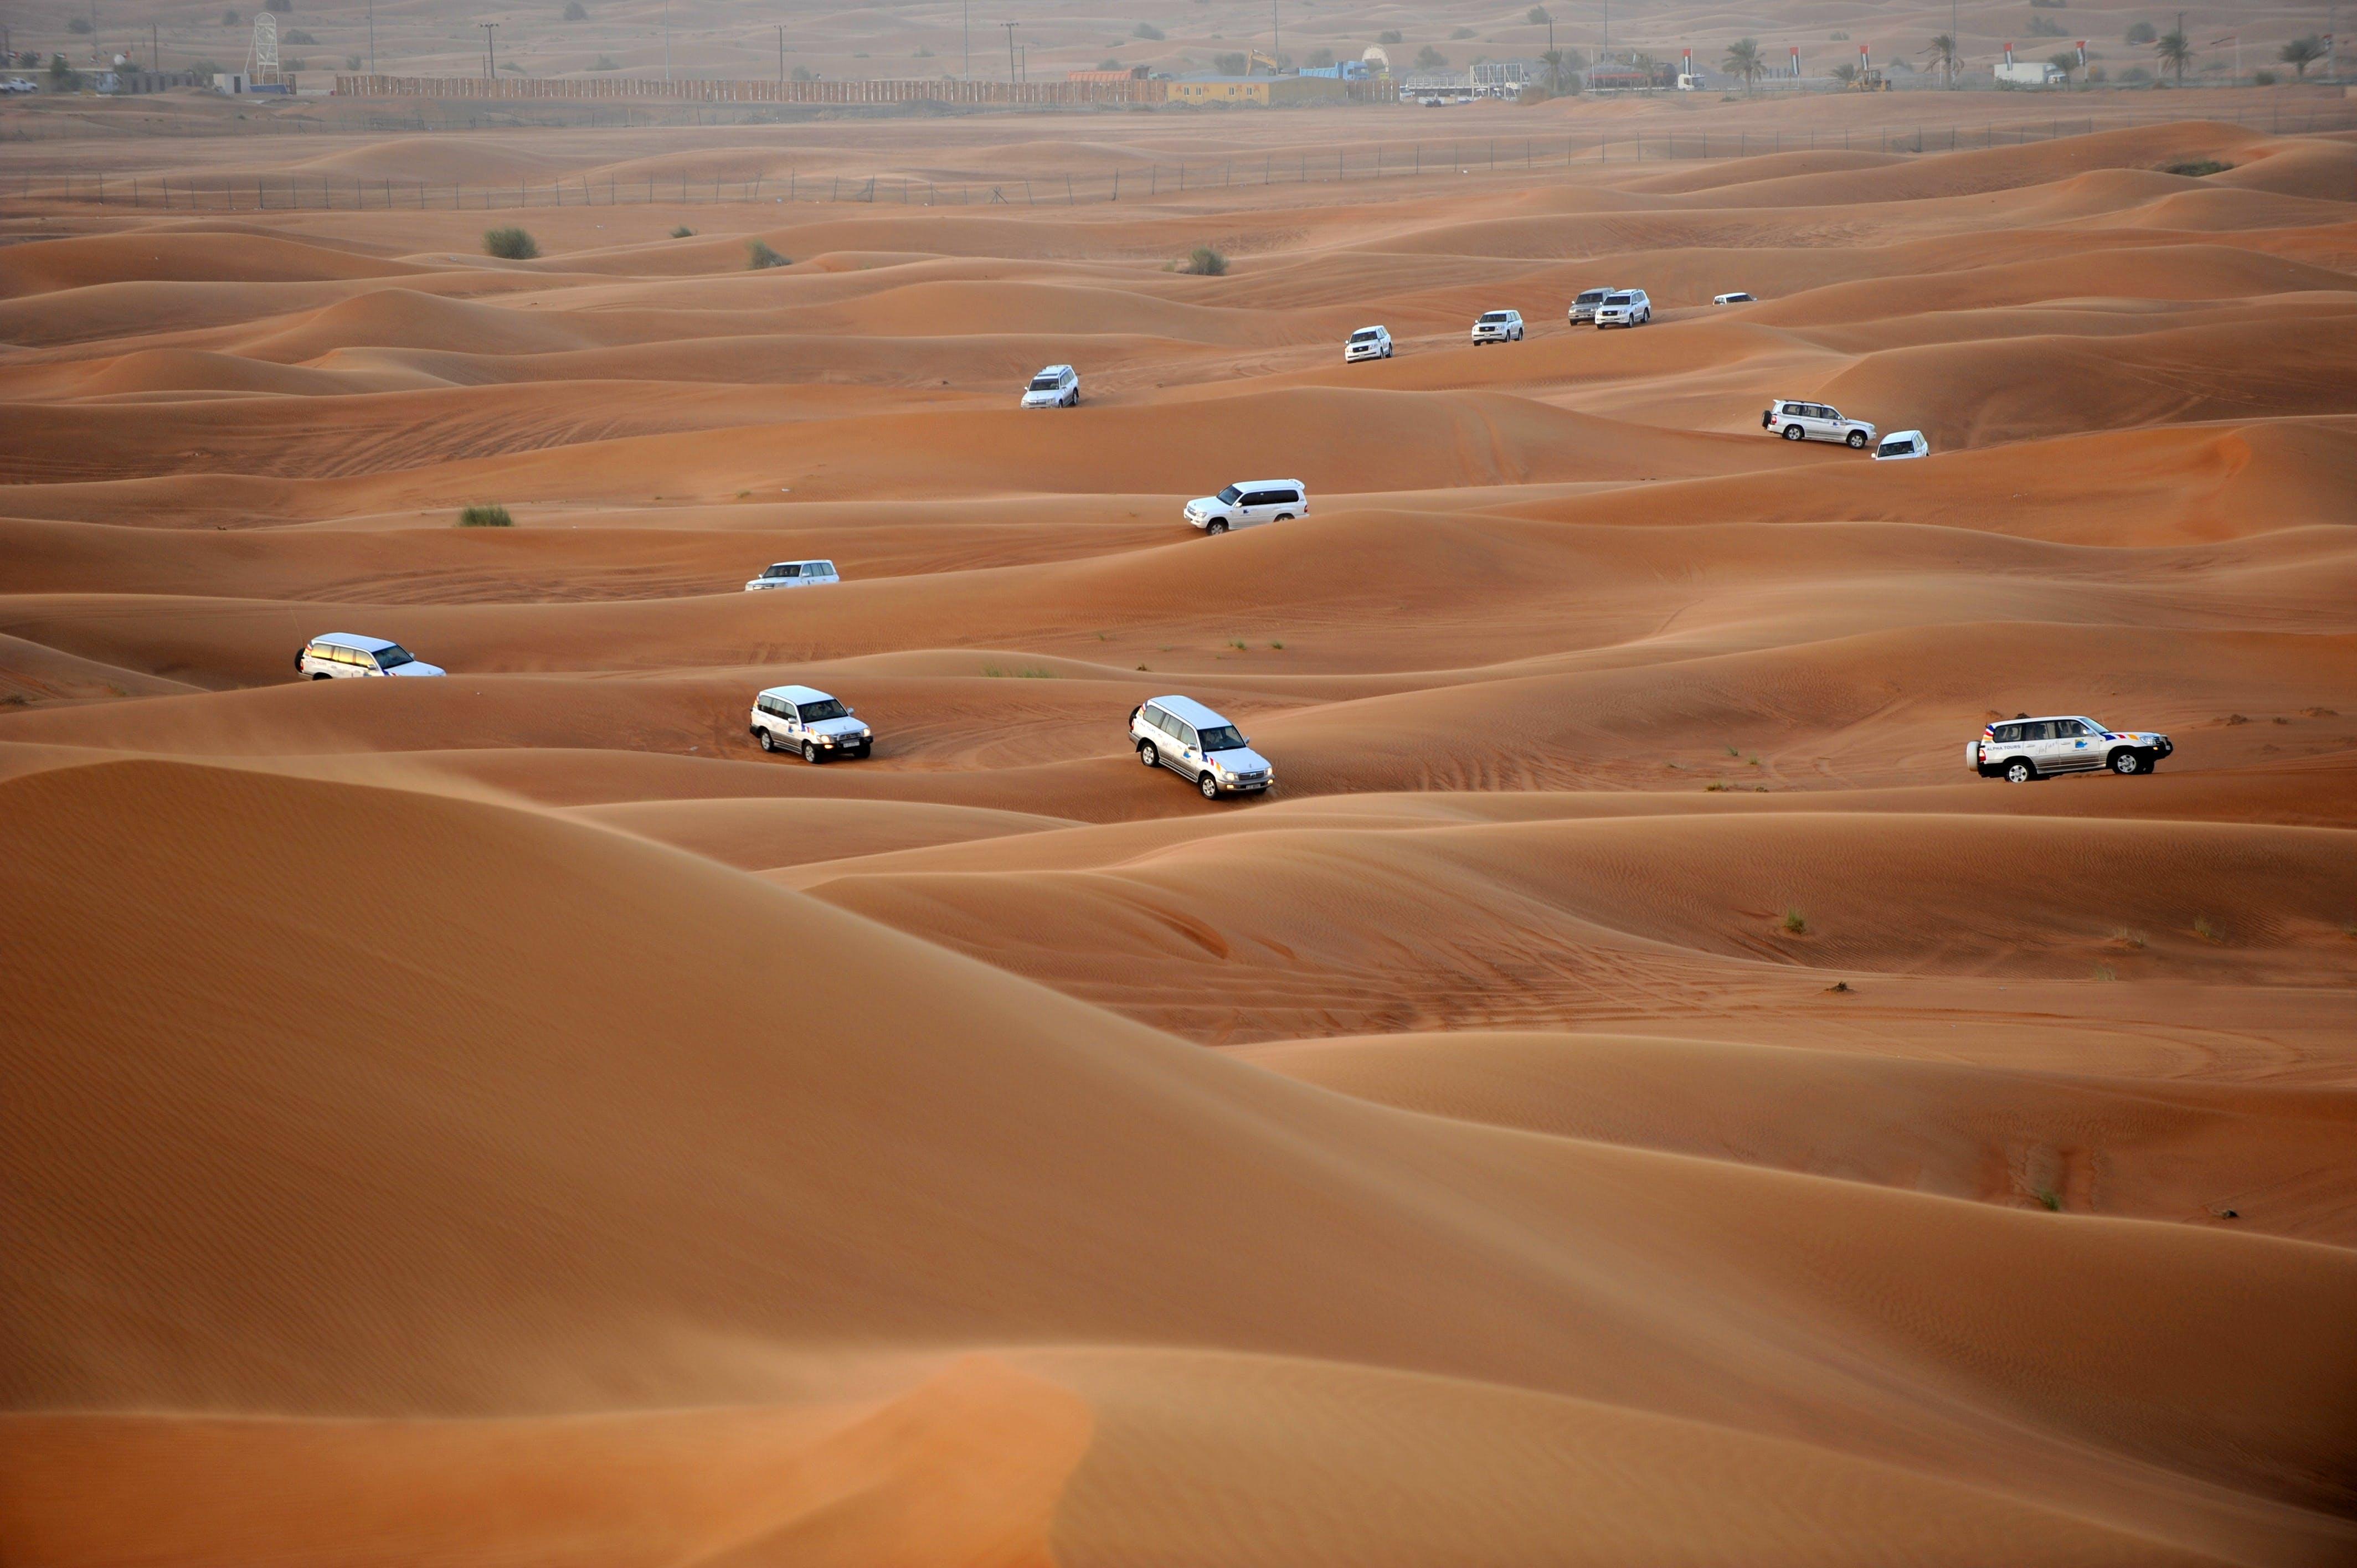 Esperienza nel deserto di Al Maha con partenza da Dubai